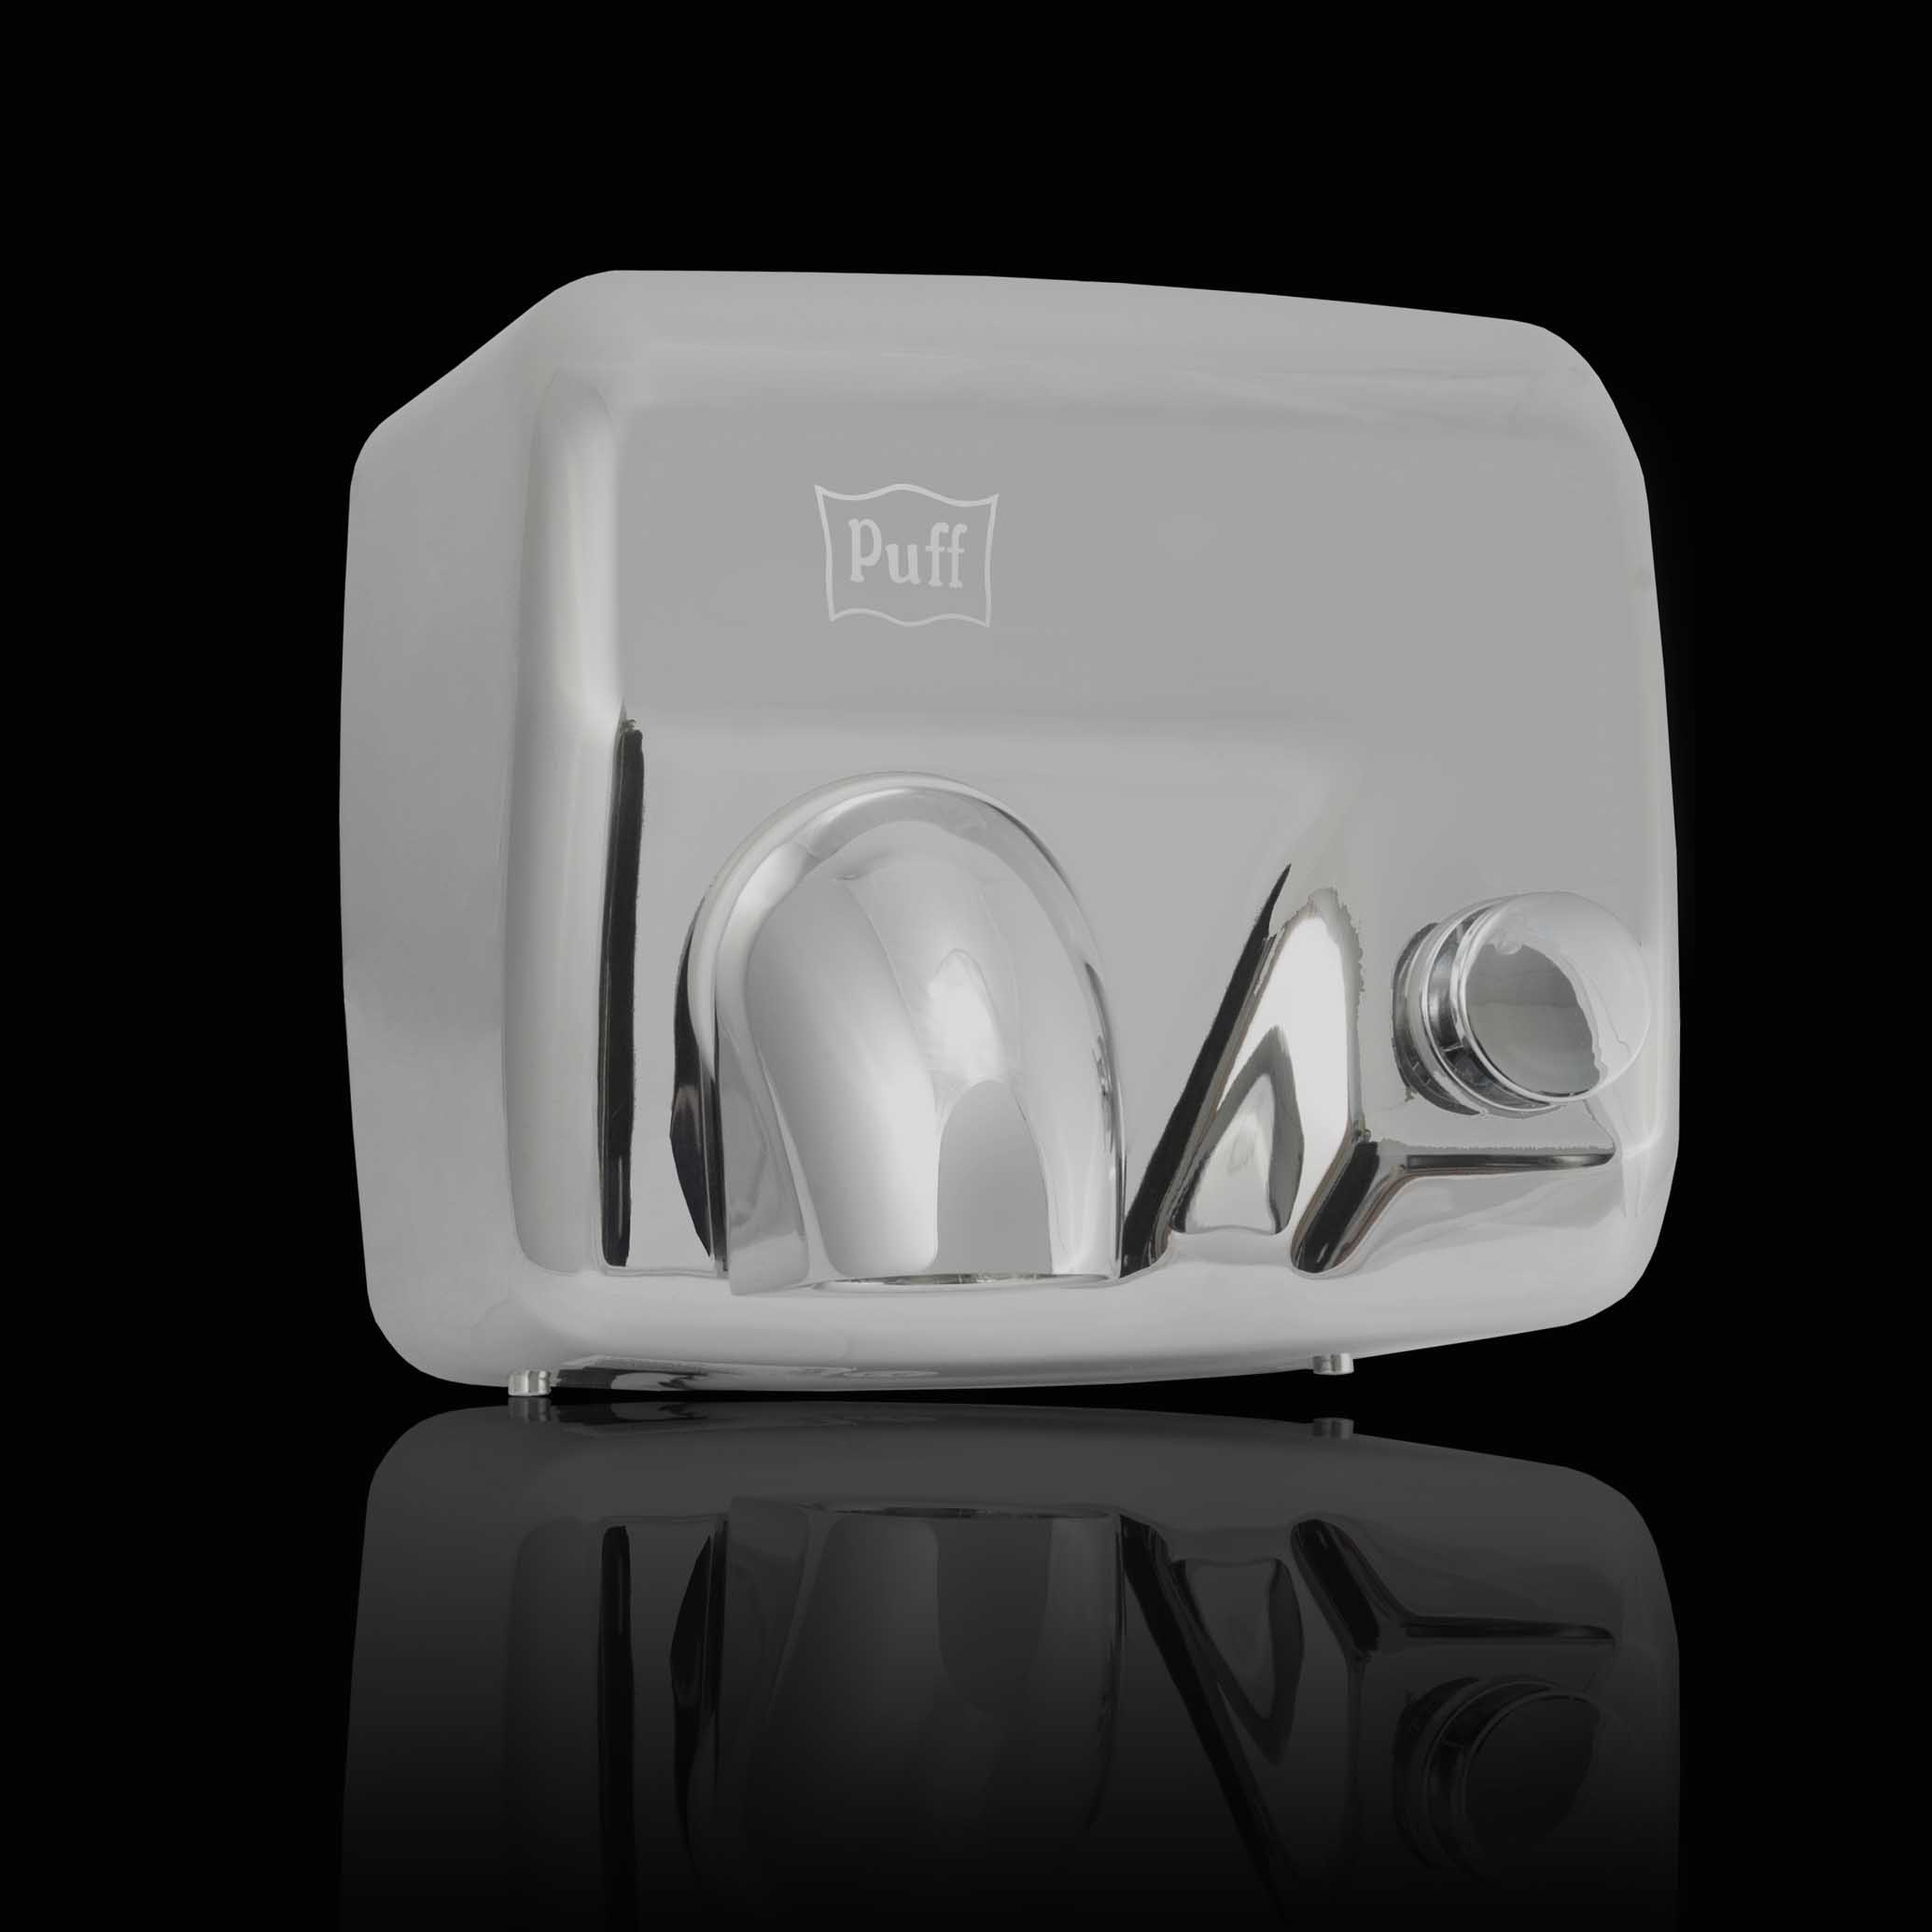 Высокоскоростная Антивандальная  сушилка для рукPuff-8844 Материал корпуса: нерж. сталь Цвет: хром Мощность (Вт): 2 300 Напряжение (В/Гц): 220 / 50-60 Скорость воздушного потока (м/сек): 30 Время сушки рук (сек): 10-12 Габаритные размеры (мм) (ШхГхВ):258*200*232 Вес нетто (кг): 4,8 Гарантия: 12 мес.